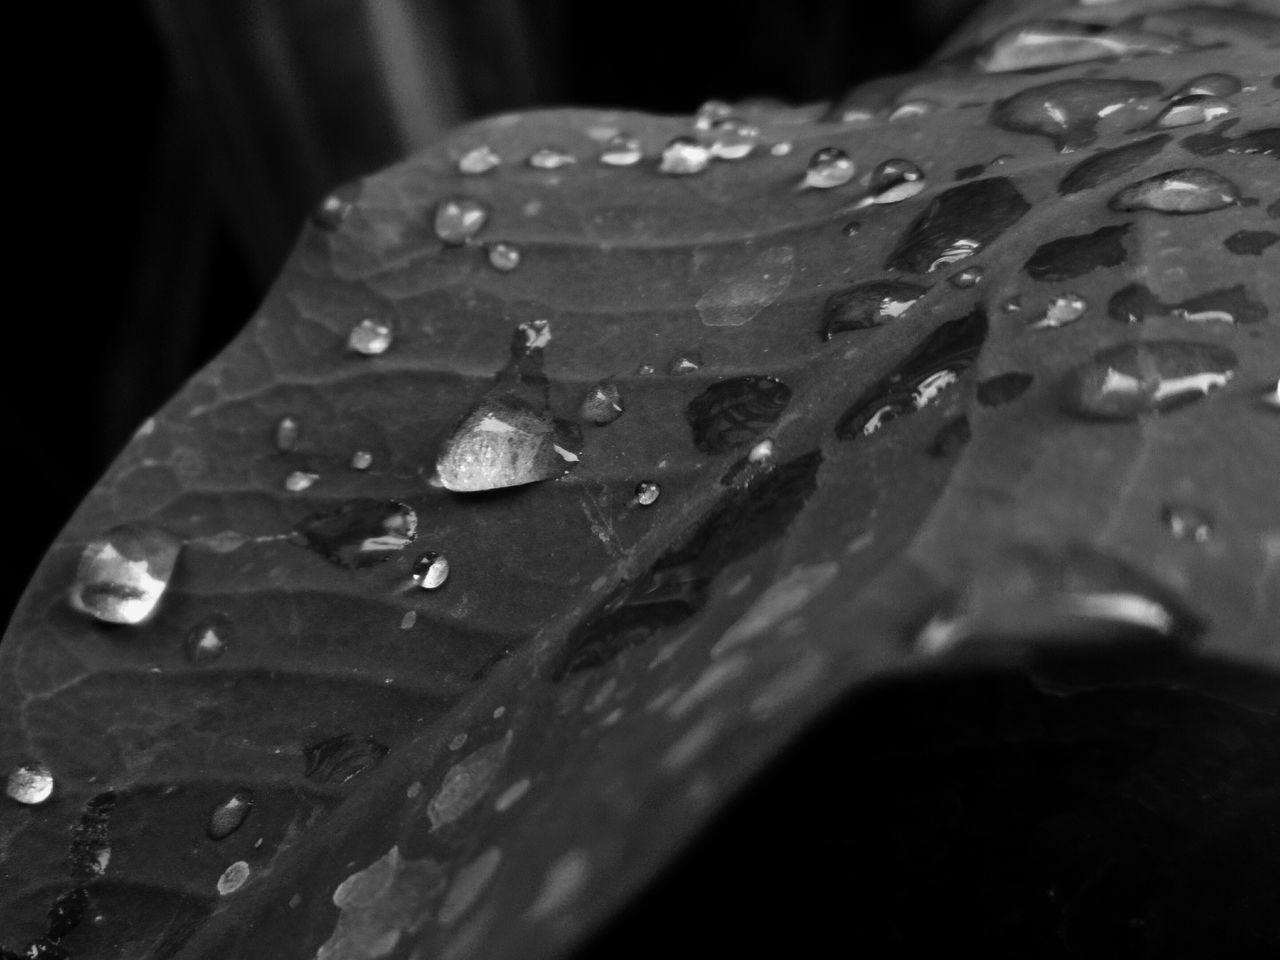 Drop Aiikos Rain.drops Rain Drops Drops Aiikos Garden Waterdrops @aiiko Aiikos Flowers Blackandwhitephotography Aiikos Black.n.white Blackandwhite Photography Black And White Photography Aiikos Heaven Aiikos Paradise Monochrome Leaf Leafporn Leaf 🍂 Leafs Leafes